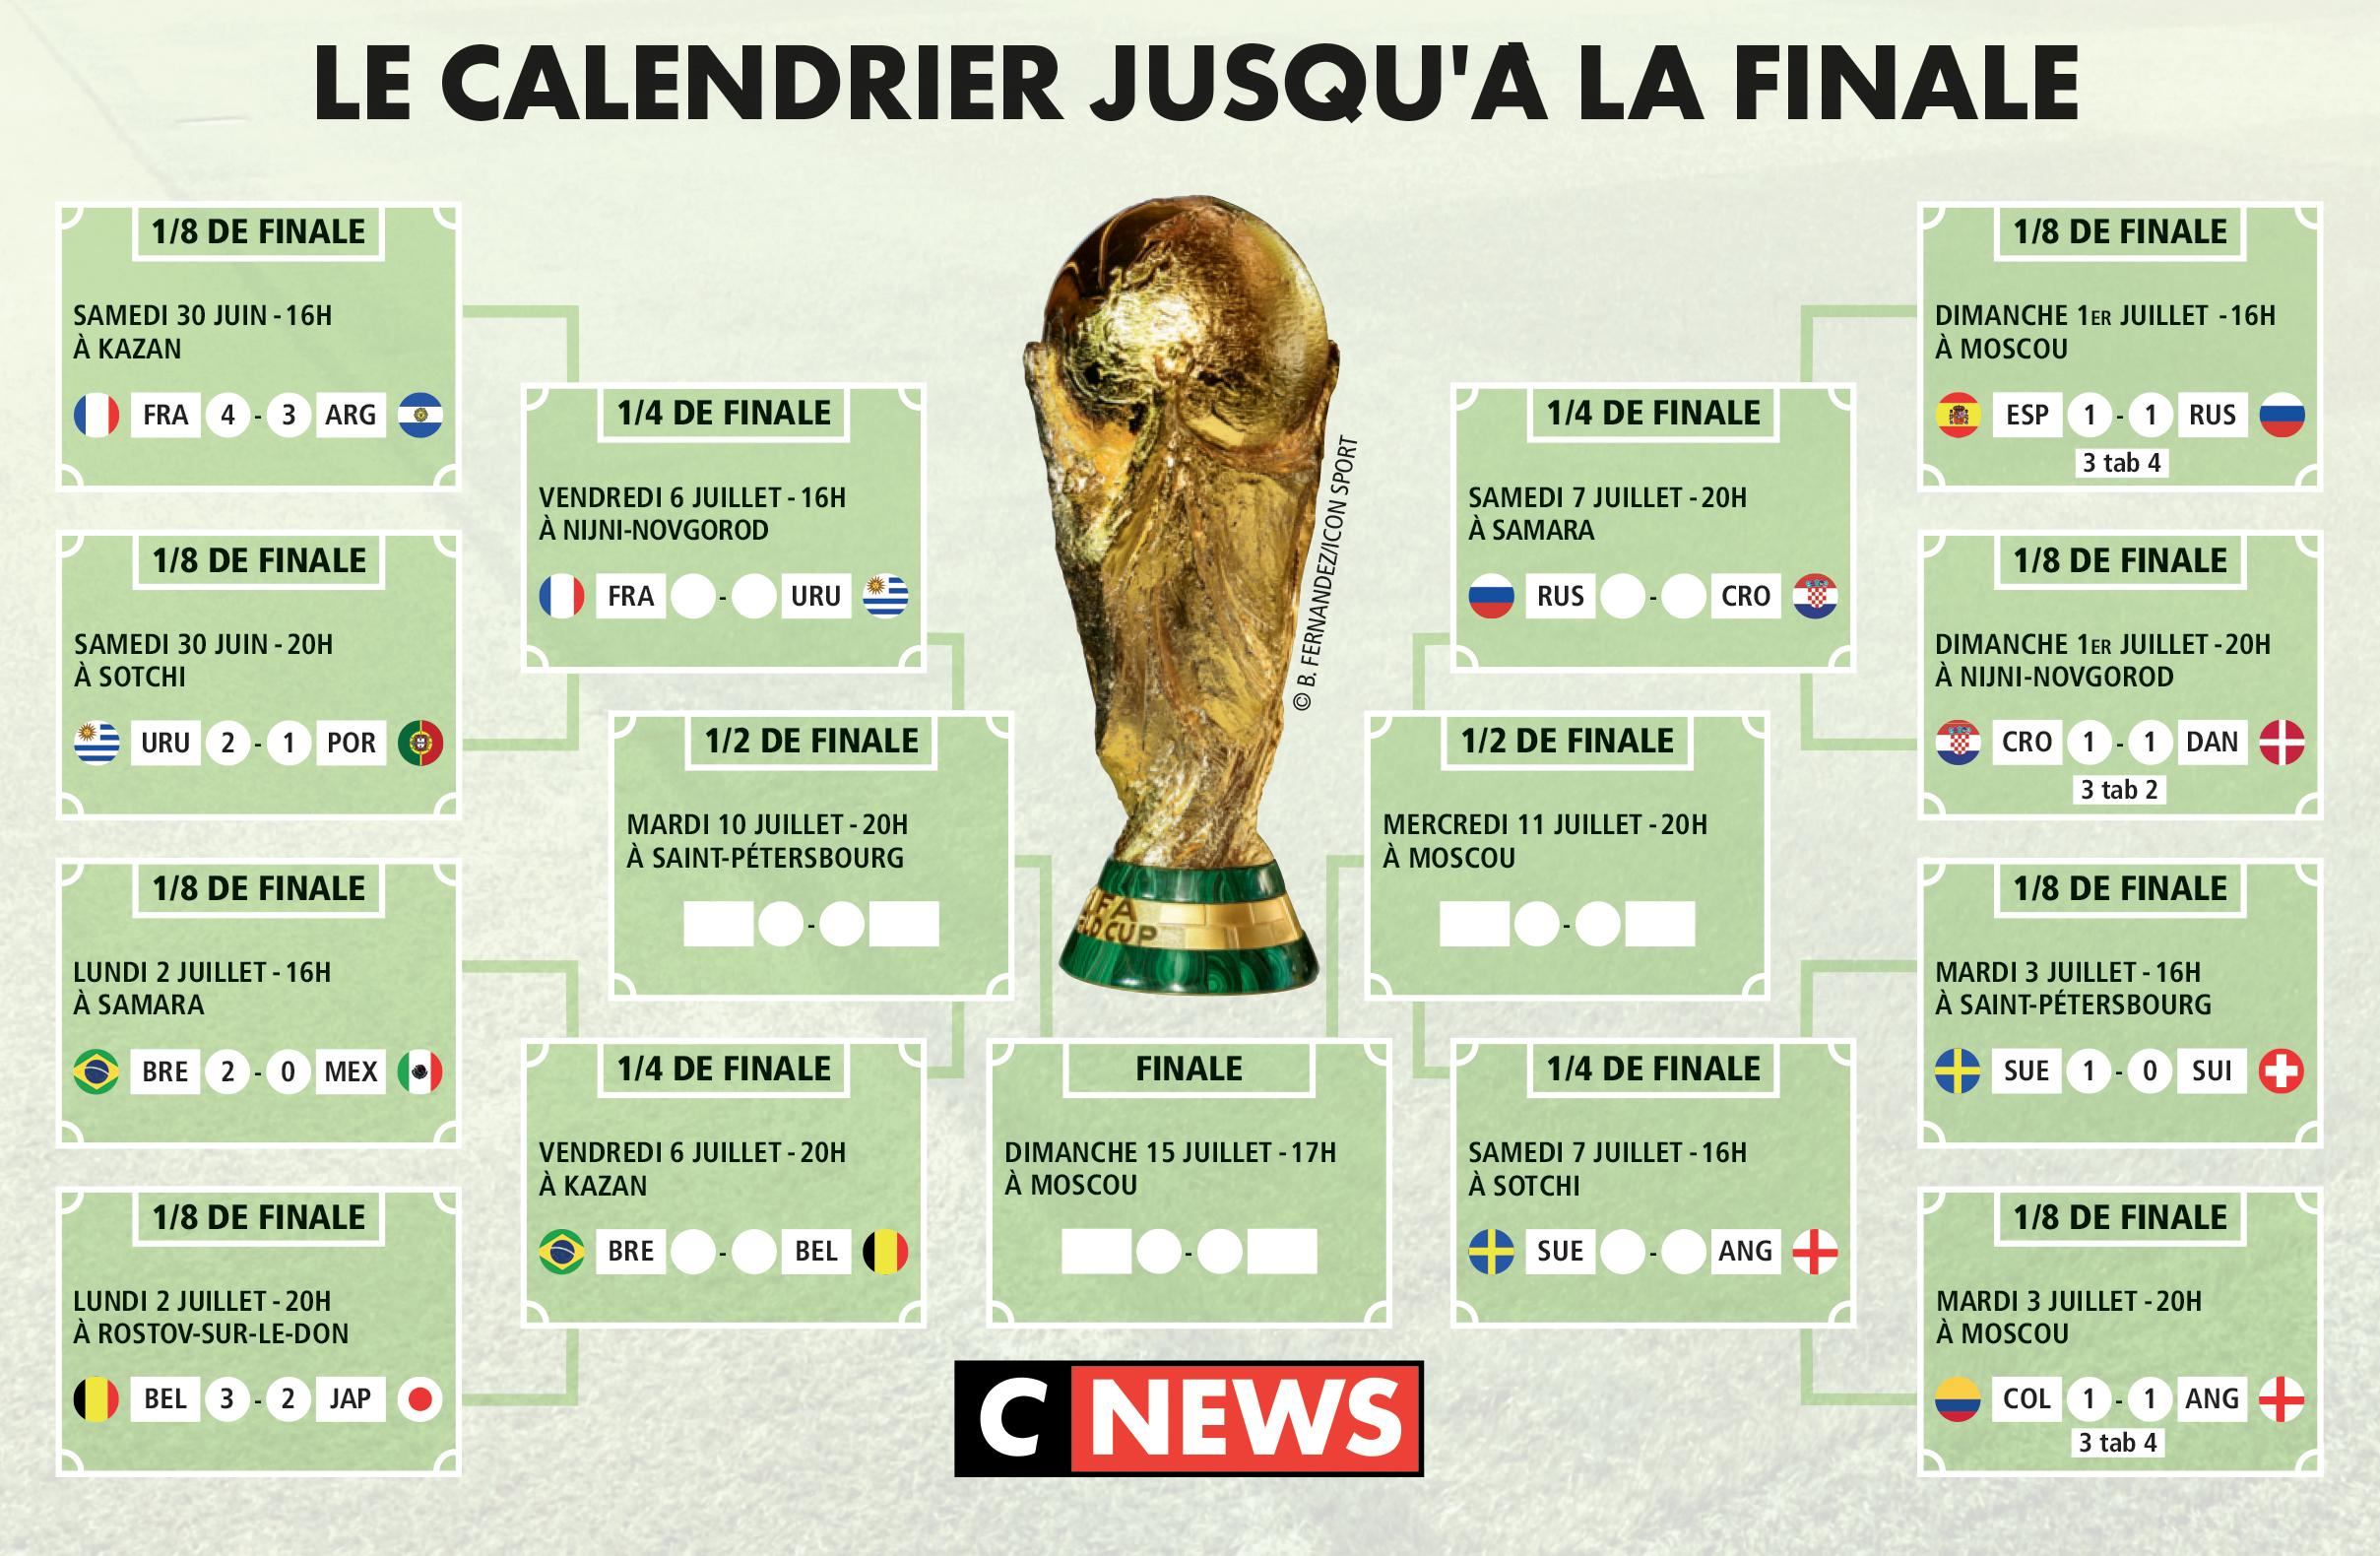 Téléchargez le calendrier de la phase finale de la Coupe du monde